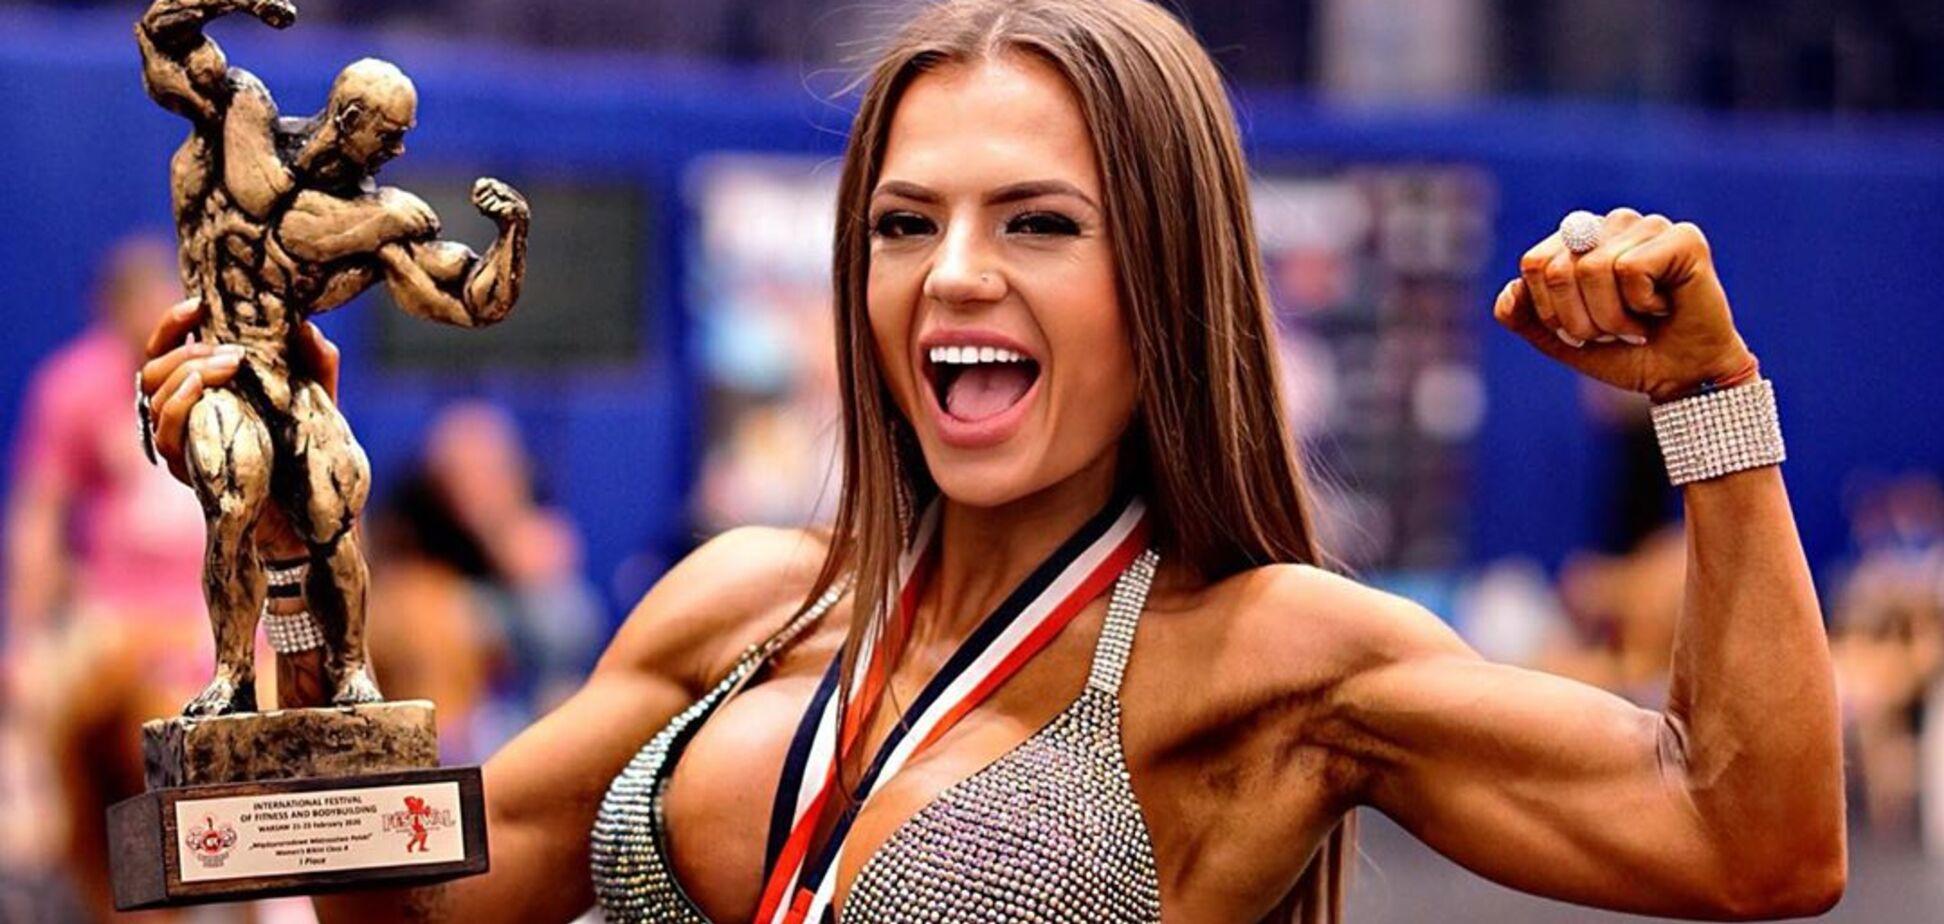 Как избавиться от целлюлита: украинская чемпионка дала простой совет